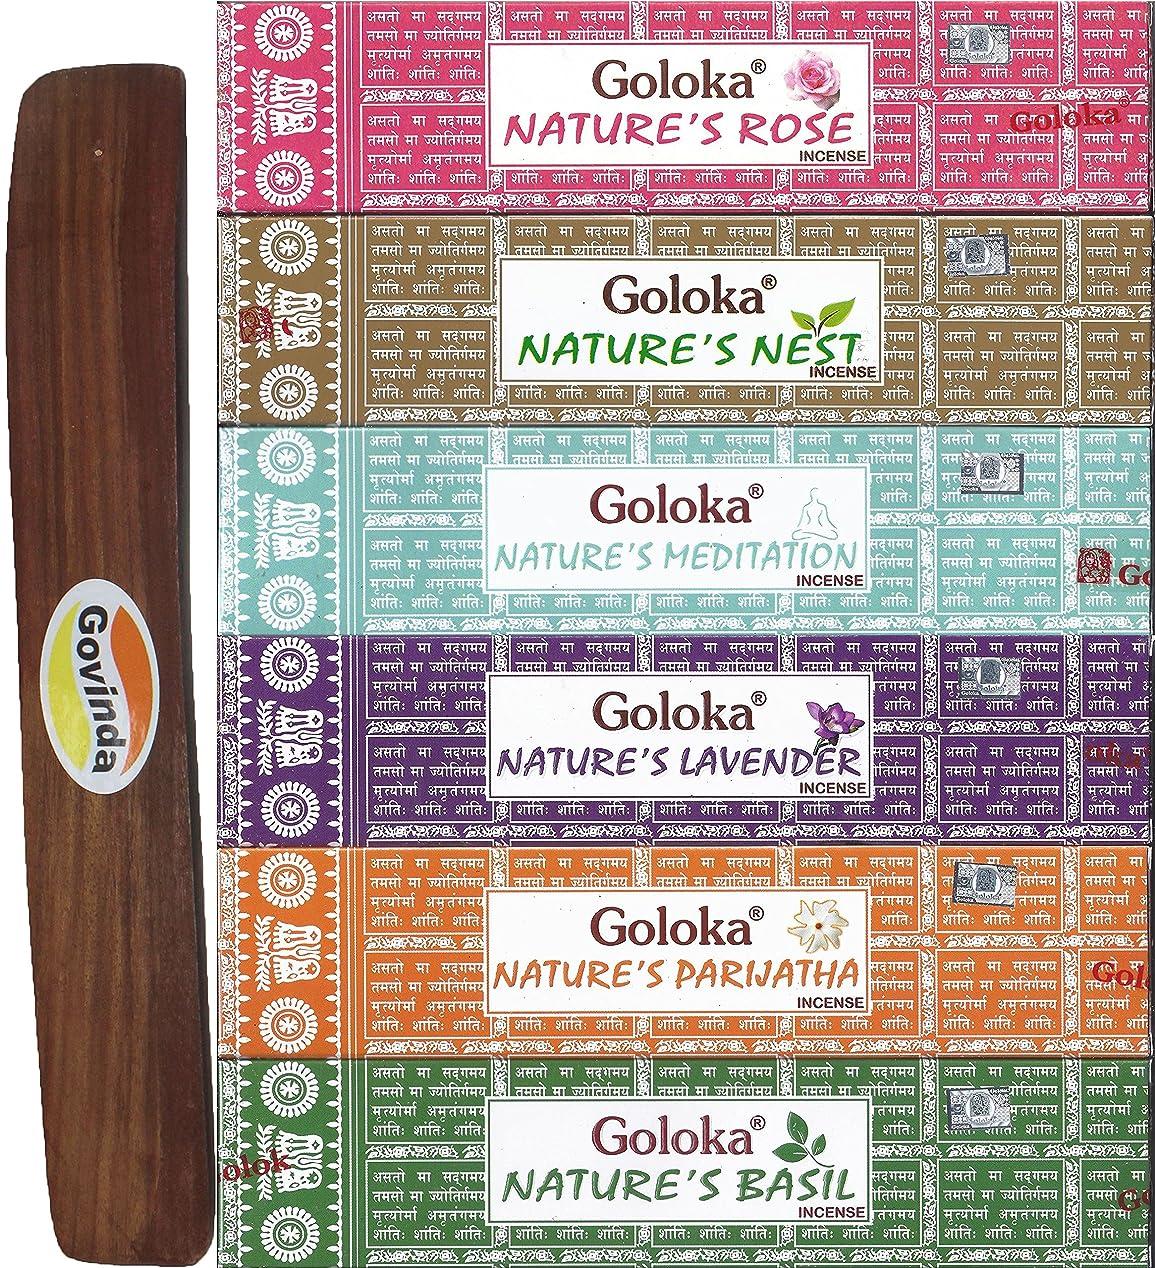 独立したサンダルフラッシュのように素早くSet of 6?–?自然の瞑想、ネスト、ローズ、バジル、Parijatha、、ラベンダーwith Govinda Incense Holder?–?By Goloka Nature 'sシリーズとGovinda Burner